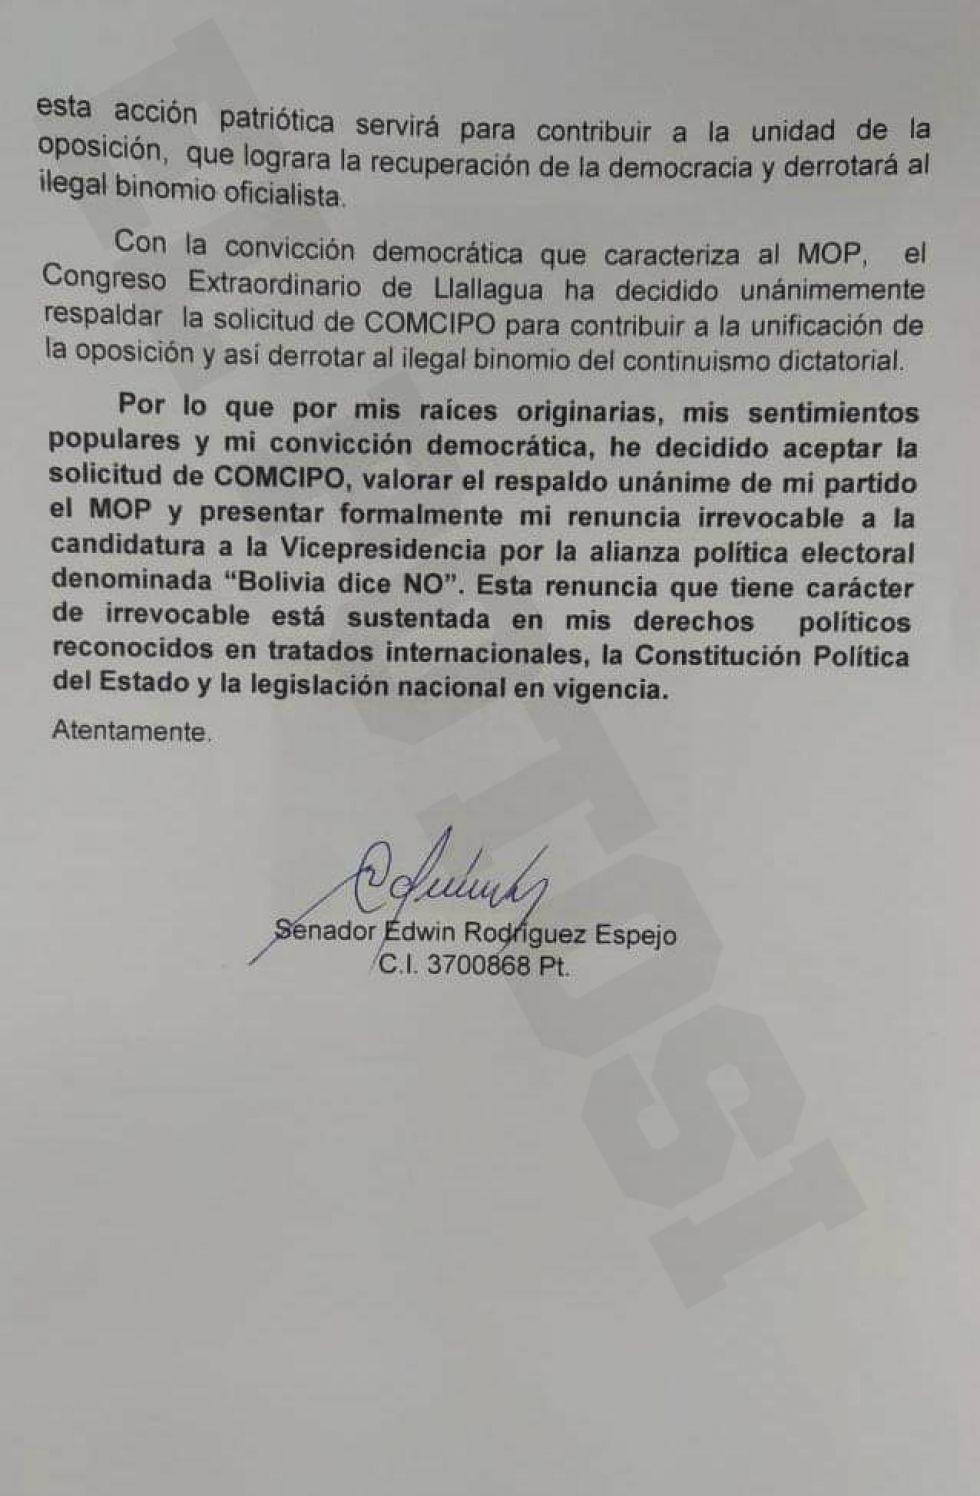 La carta de renuncia presentada por el candidato vicepresidencial